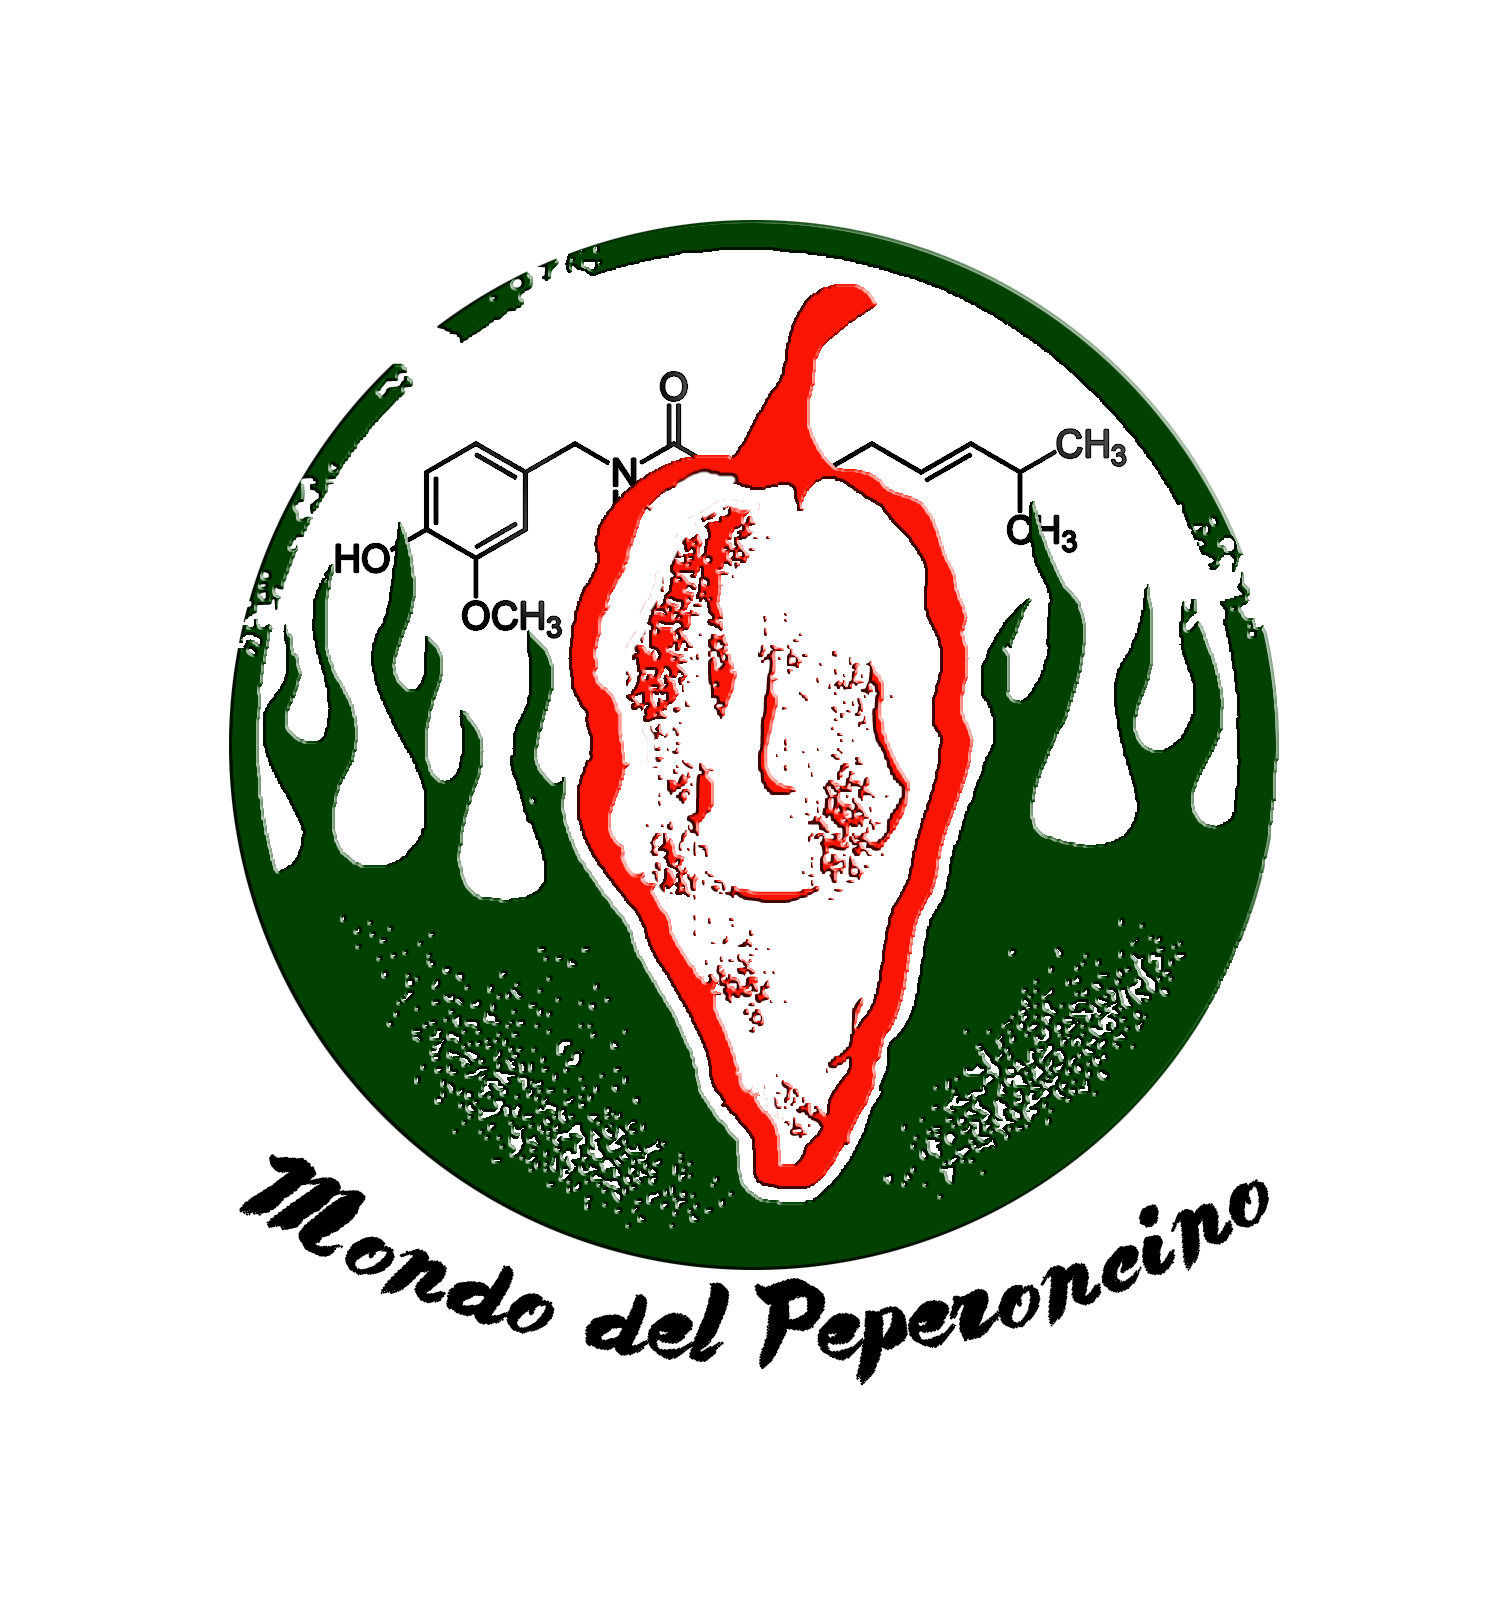 Mondo del Peperoncino